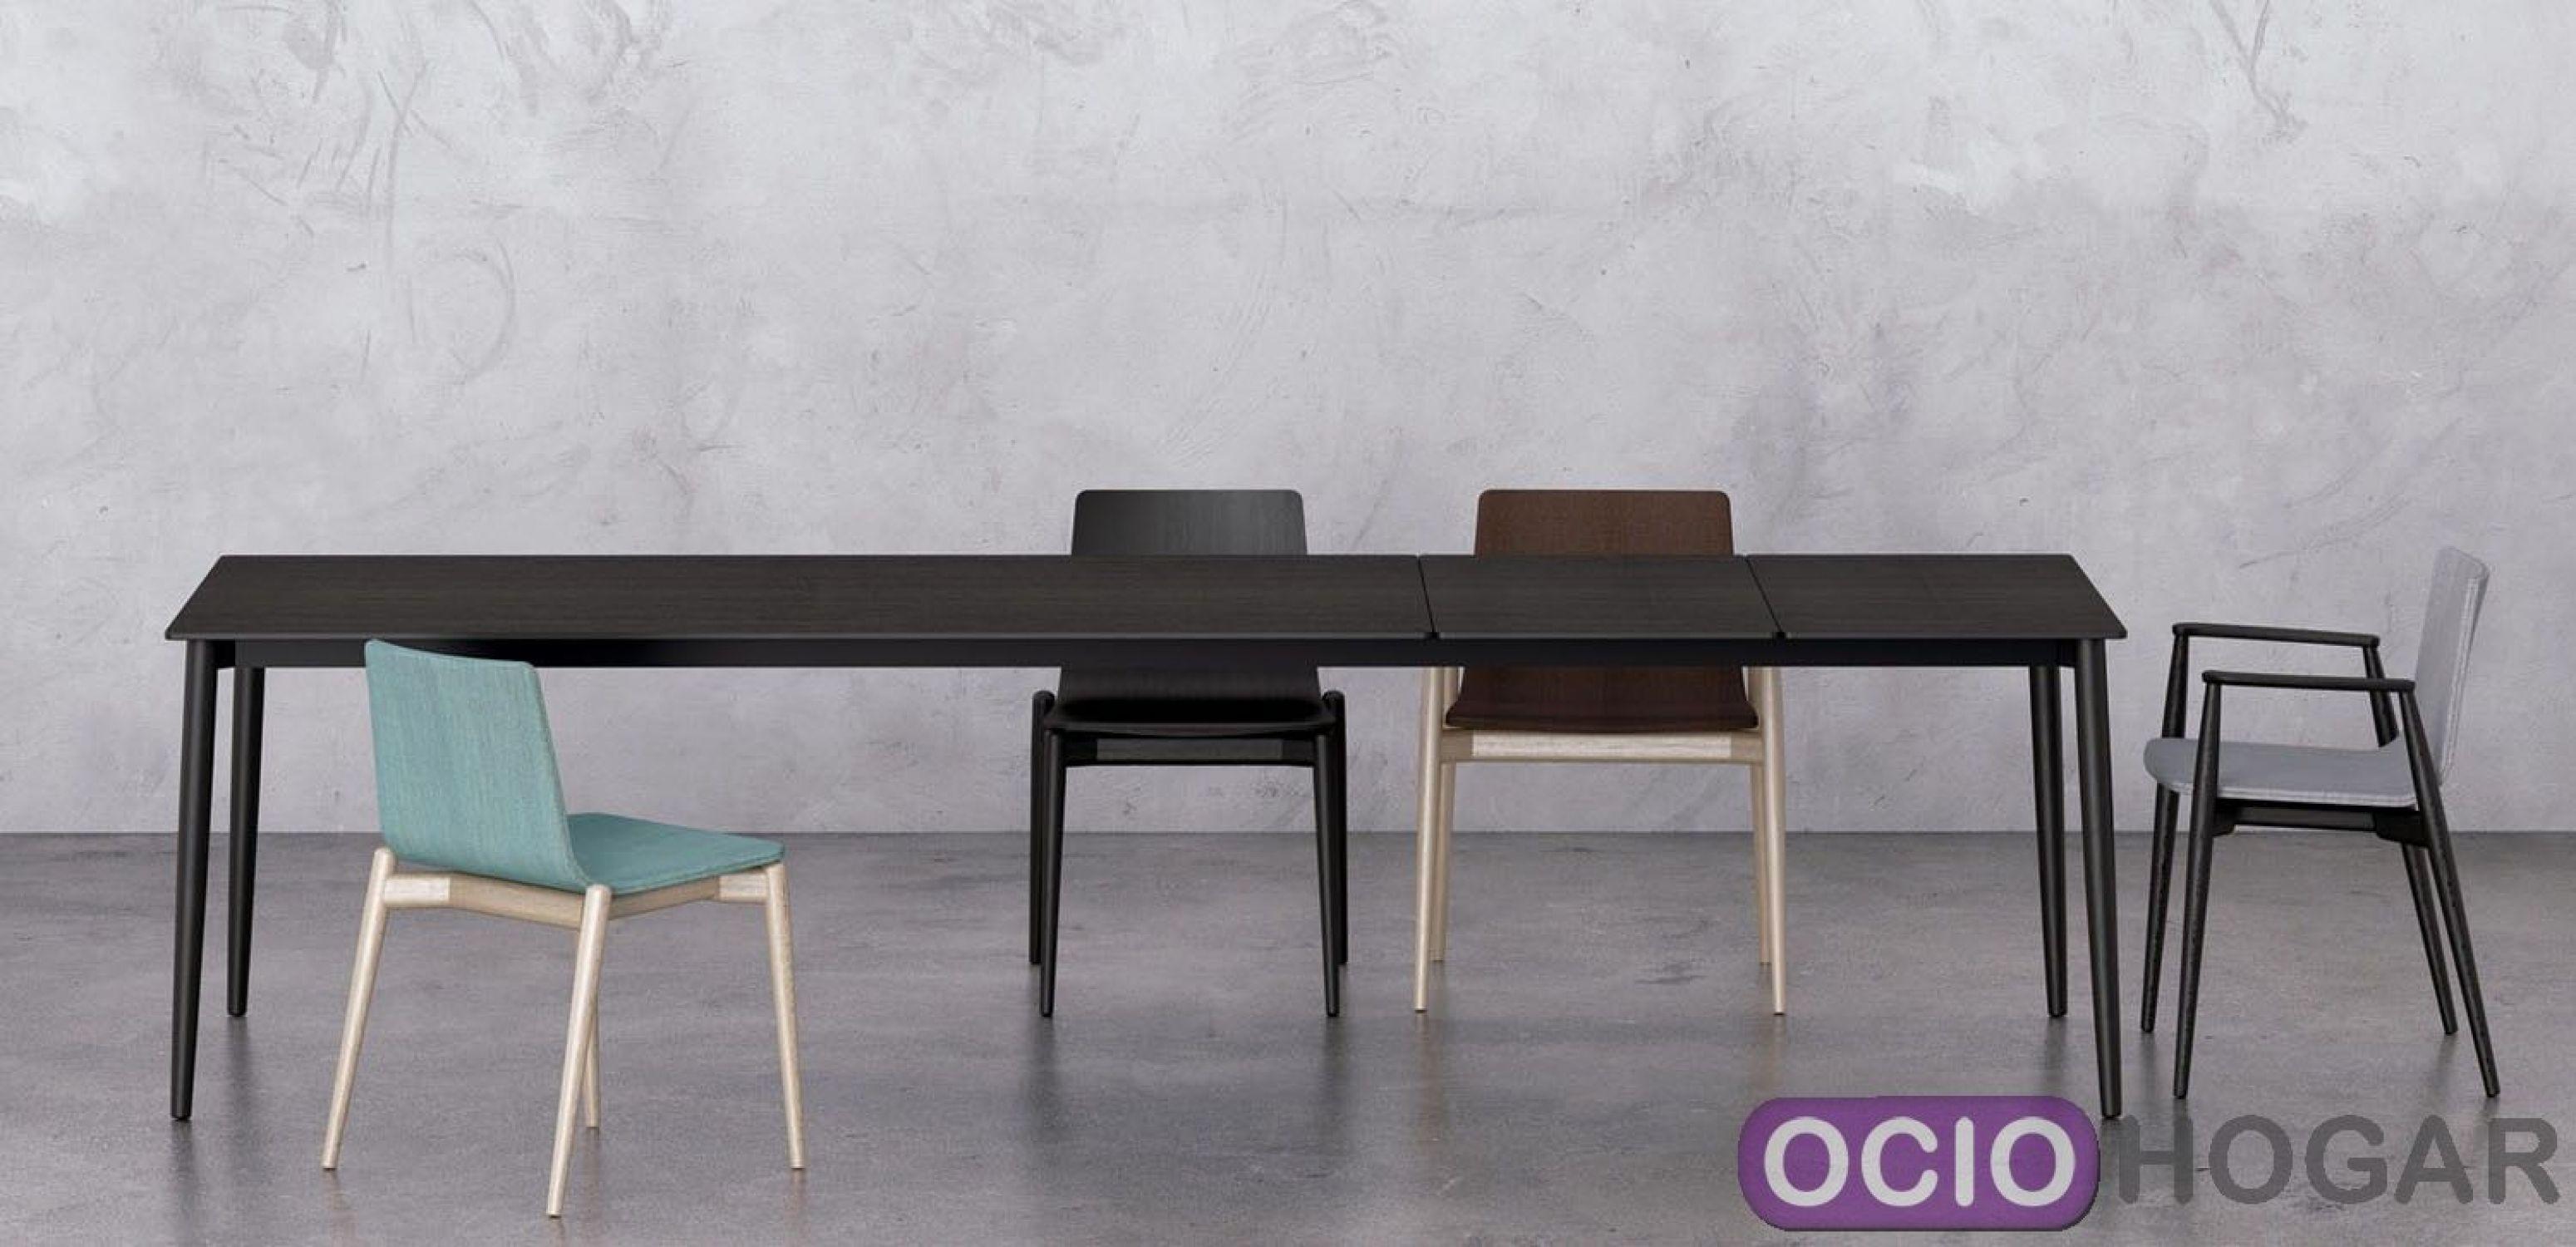 Mesa extensible malm de pedrali muebles de dise o en for Mesa extensible diseno